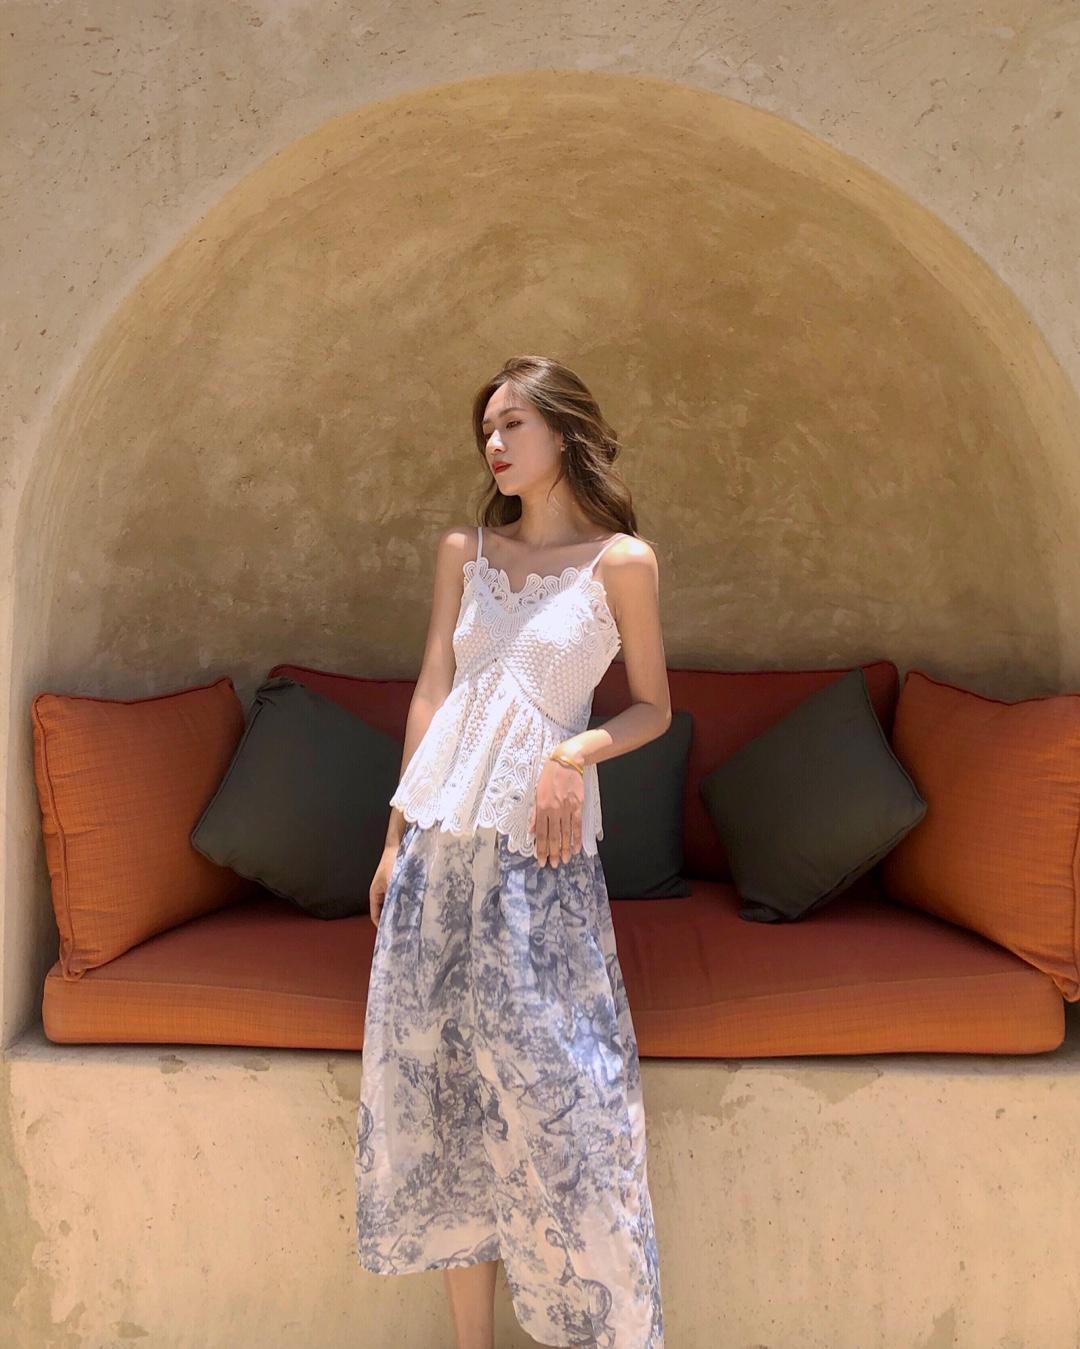 酷热的夏季 清凉吊带穿起来 今天选择了很清凉的半身裙看起来太温柔了 今日份度假穿搭get起来吧~ #高温预警!清凉套装不穿不行#